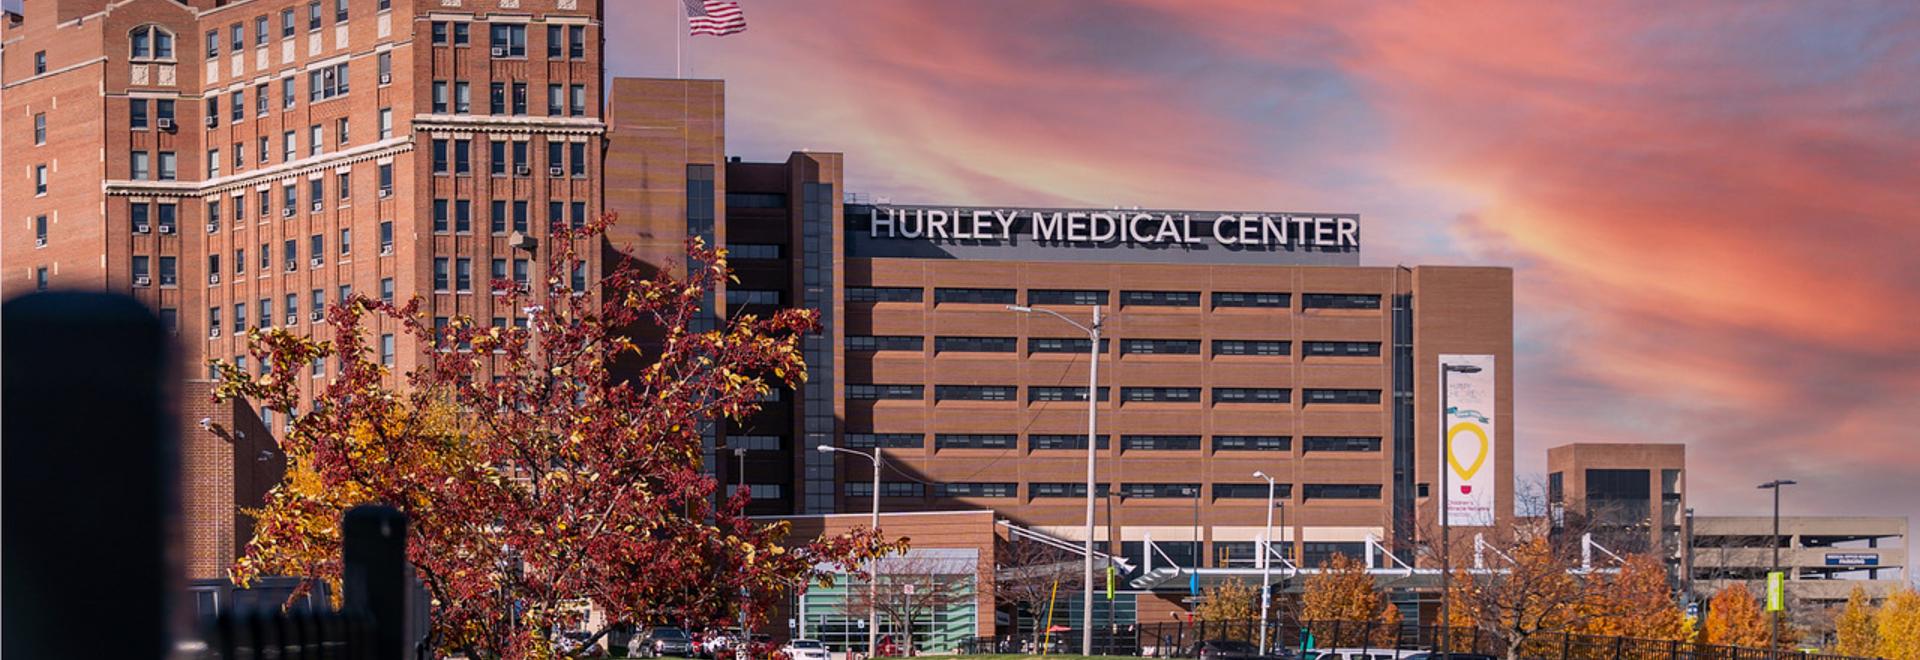 L'Hurley Medical Center utilizza tecnologie intelligenti, AI, robotica, cartelle cliniche elettroniche, telemedicina...